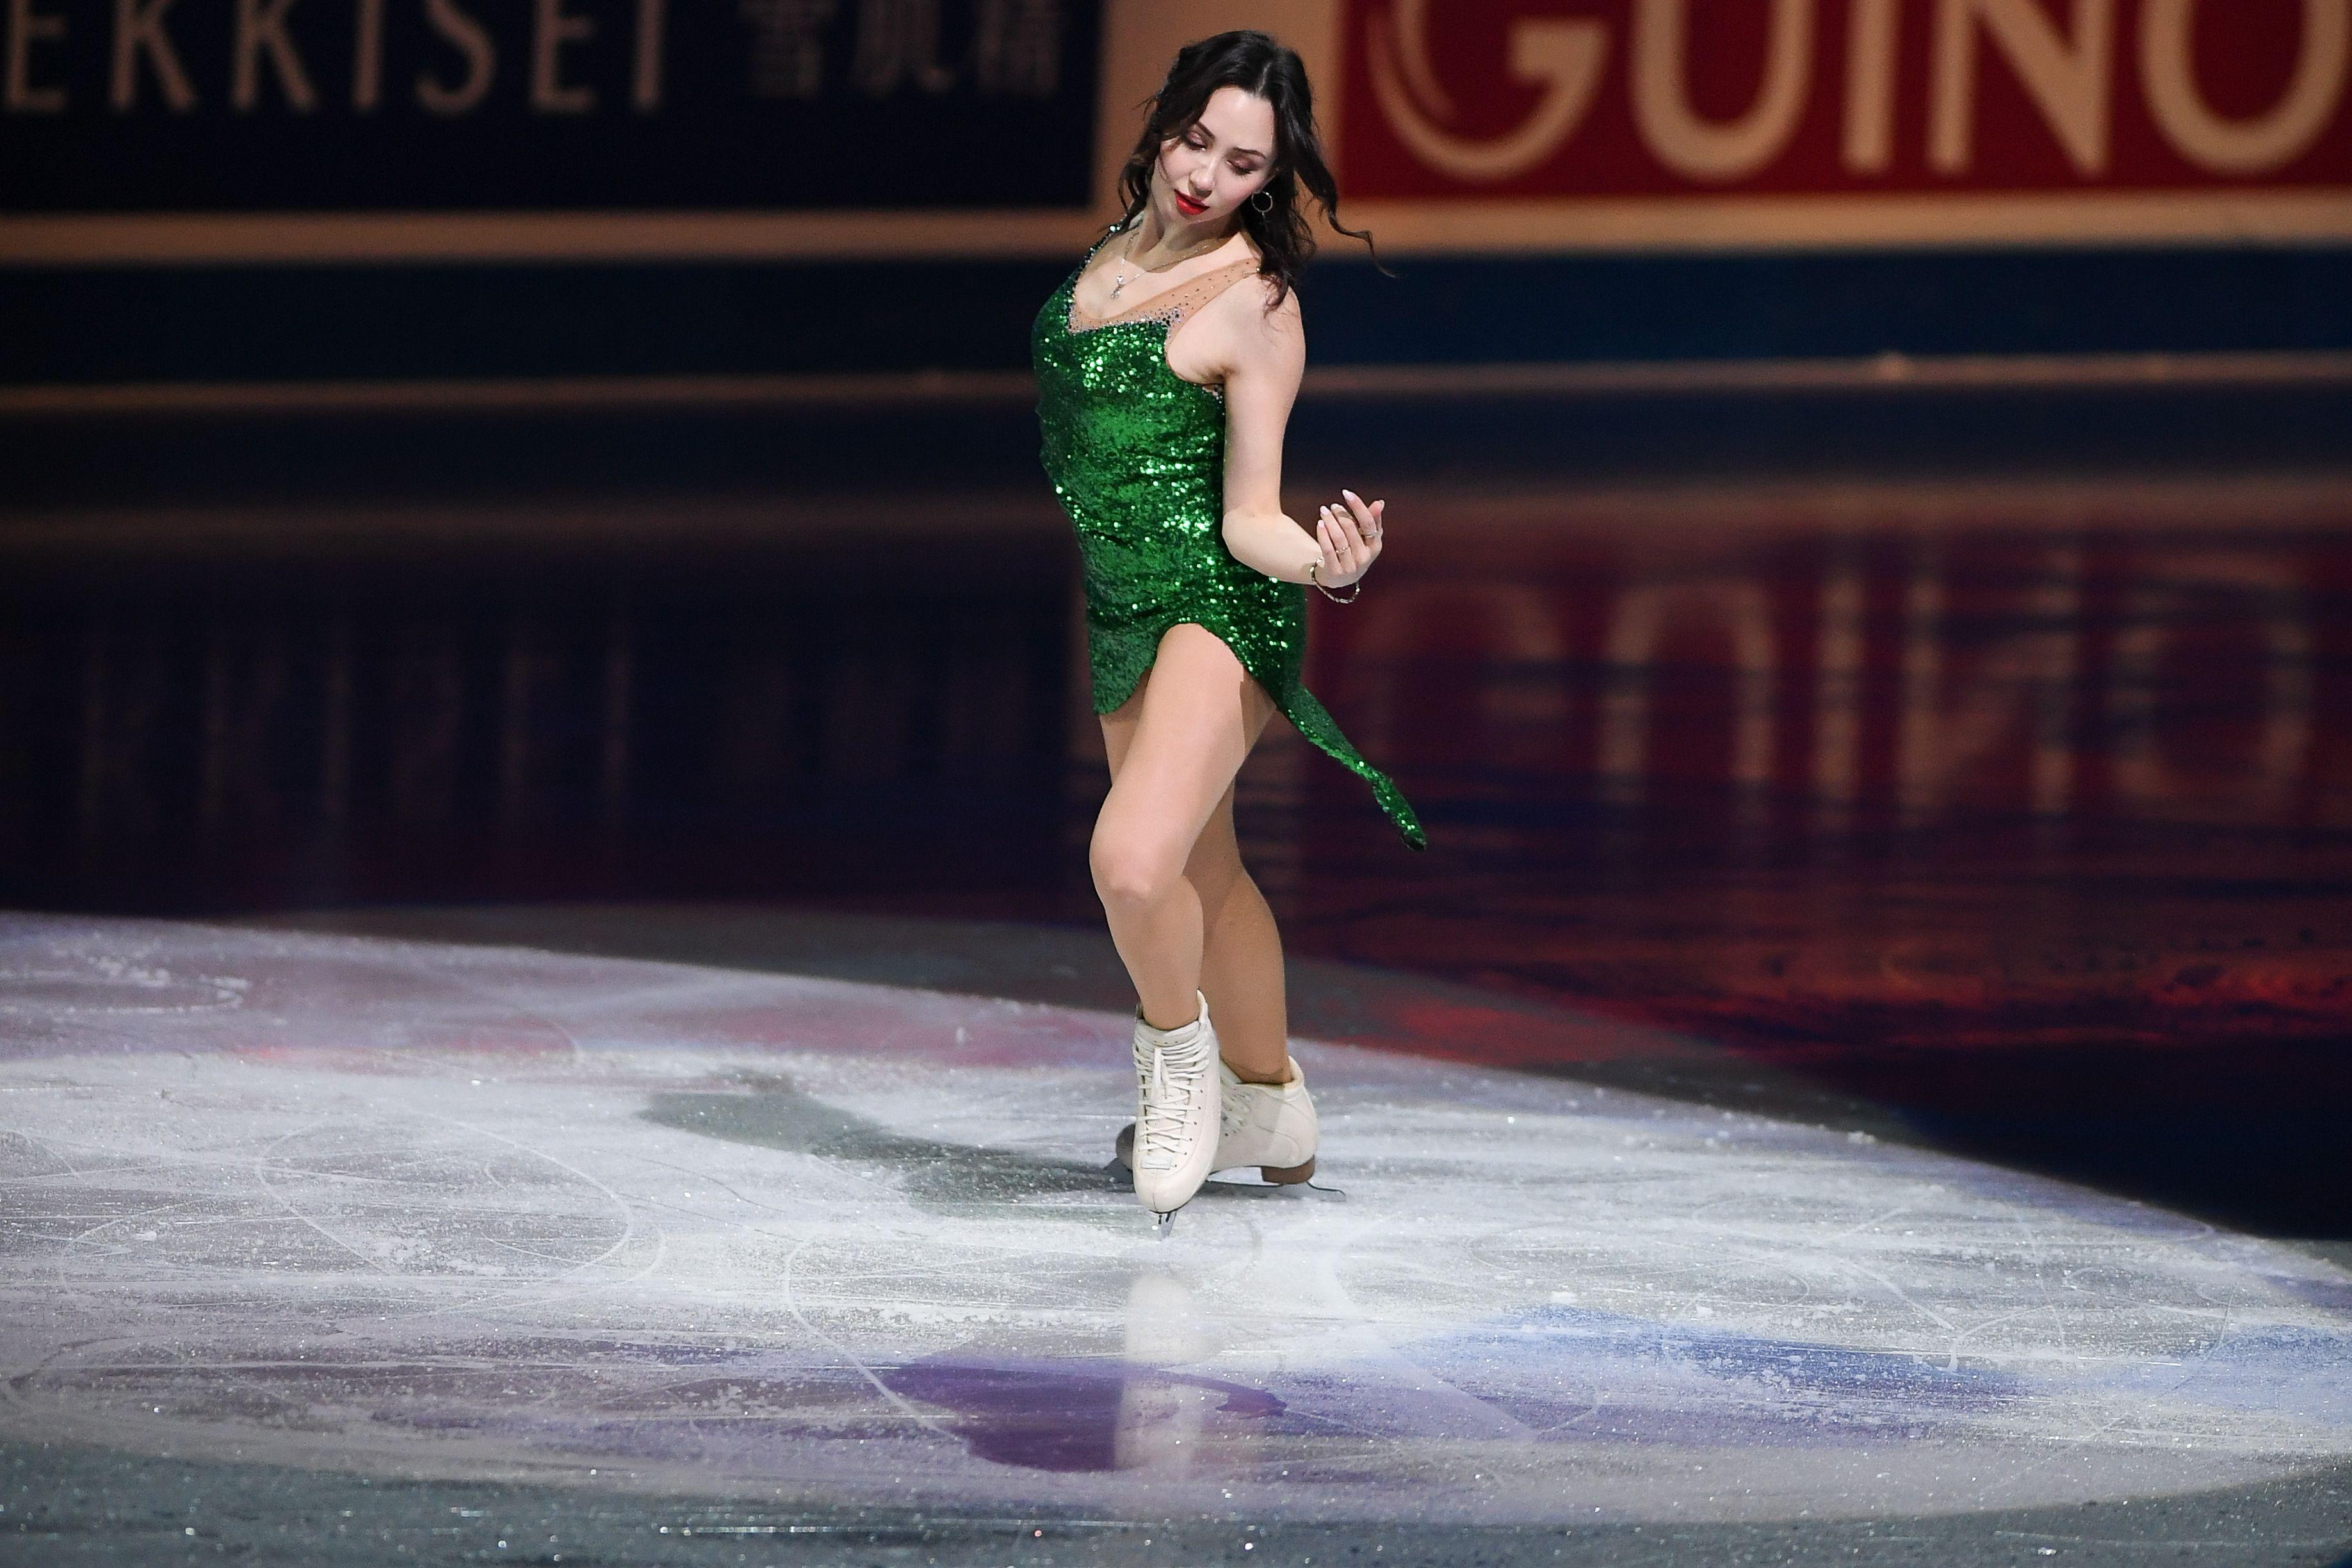 Туктамышева в облегающем платье на церемонии вручения премии GQ Super Women. ФОТО